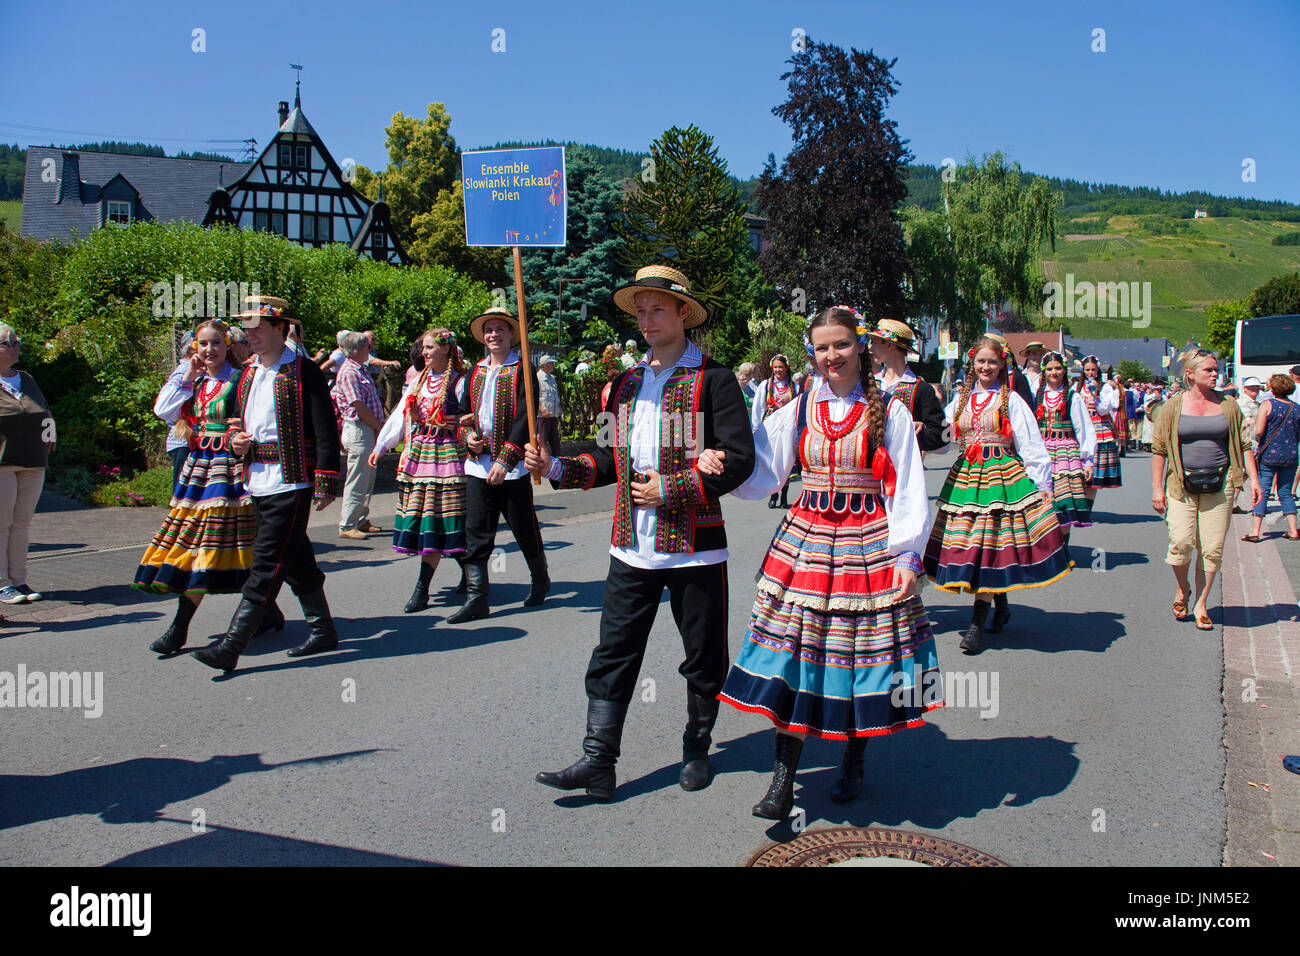 Folkloreensemble Slowianki Krakau, Polen beim internationalen Trachtenfest in Kröv, Mosel, Mittelmosel, Rheinland-Pfalz, Deutschland, Europa | Interna - Stock Image